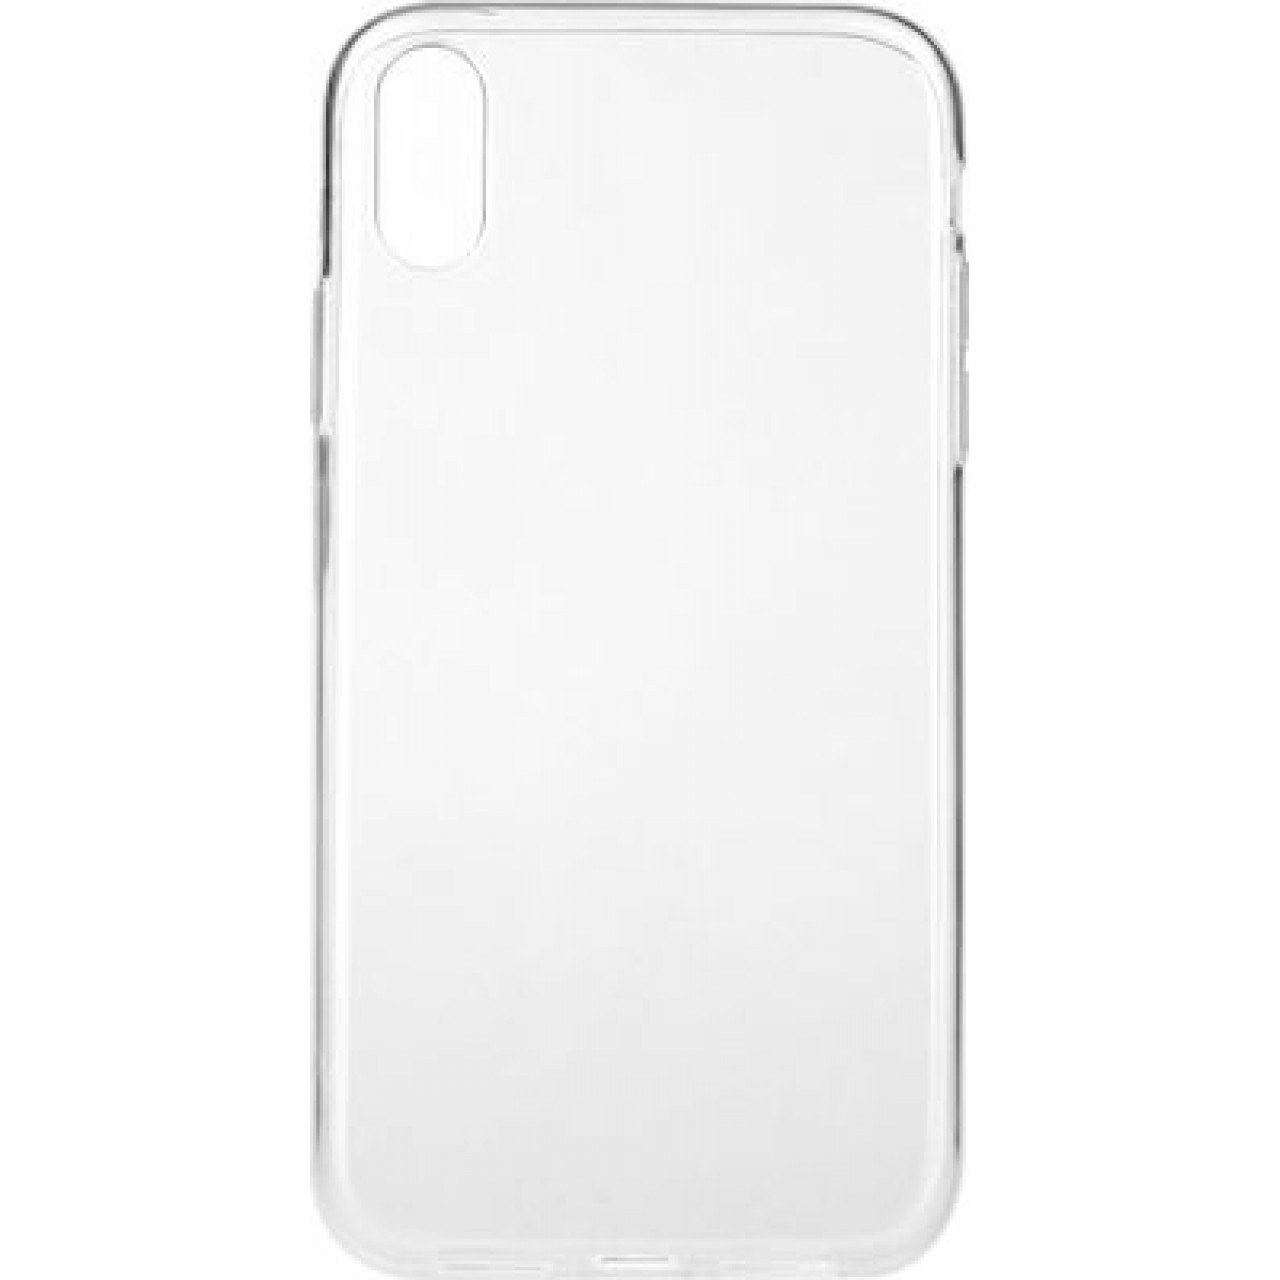 ΘΗΚΗ ΠΡΟΣΤΑΣΙΑΣ ΣΙΛΙΚΟΝΗΣ ΓΙΑ iPhone XR - BACK COVER SILICON CASE - OEM